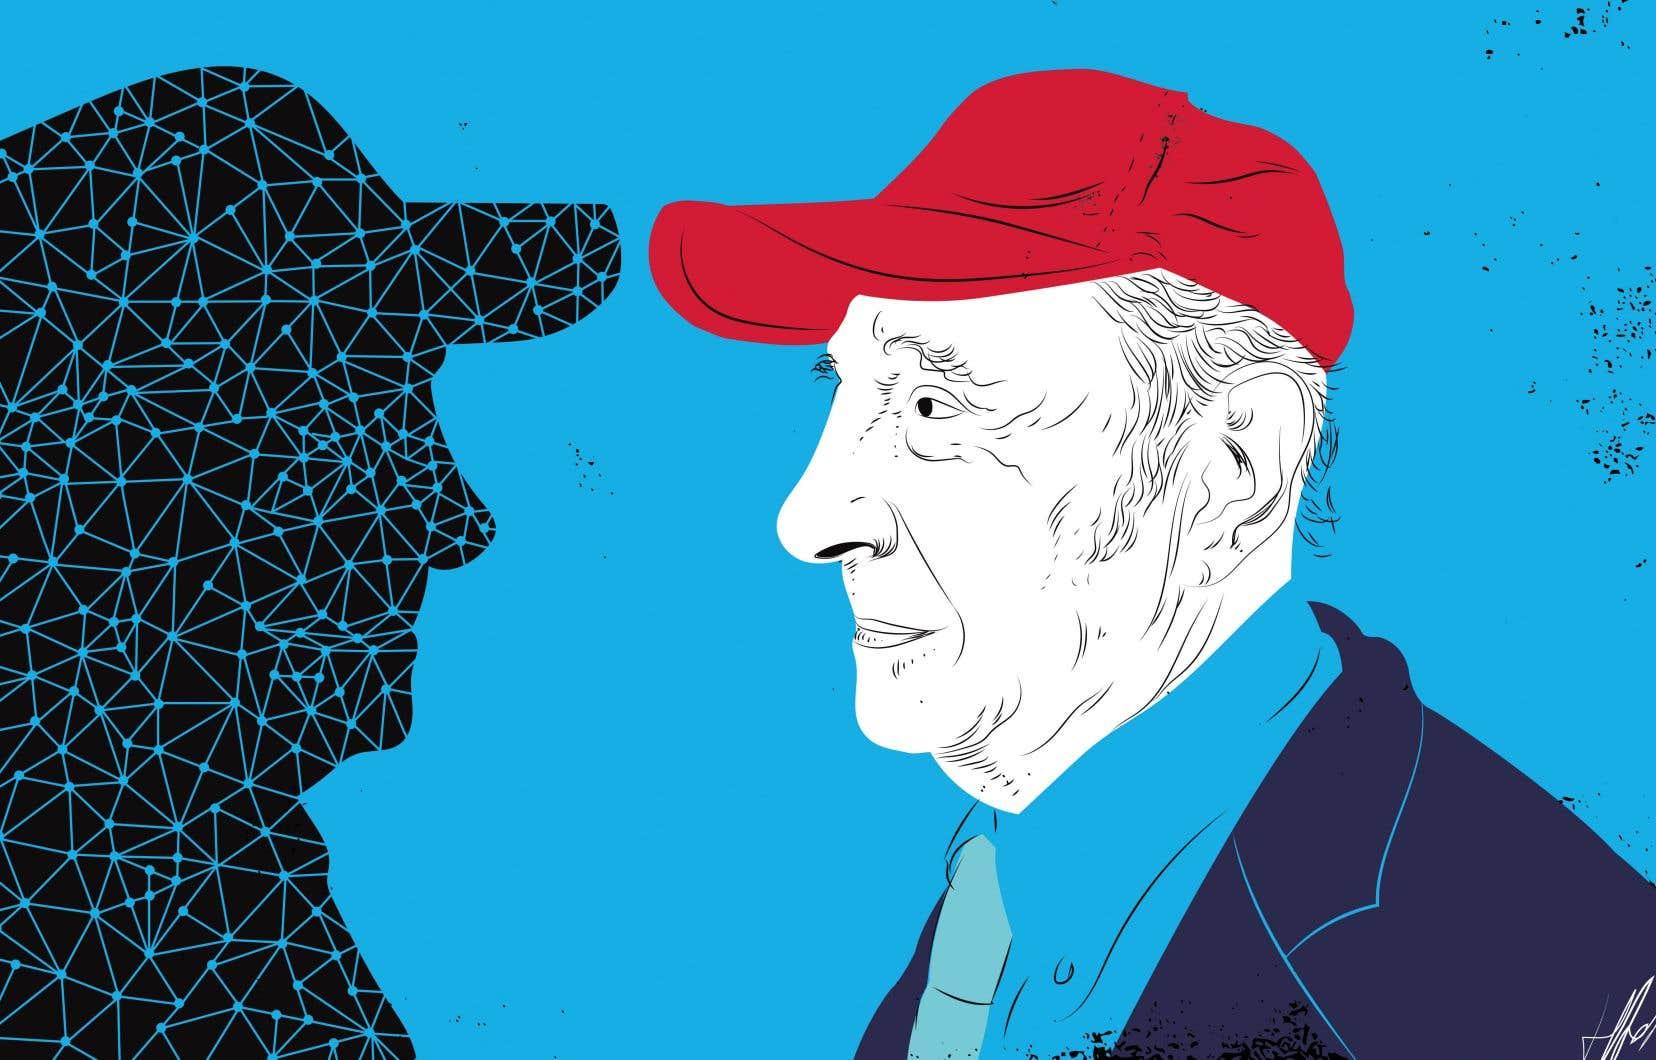 L'Américain John Searle se demande dans son article «Minds, Brains and Programs» ce qui manque à l'ordinateur pour comprendre les informations qu'il manipule. Une sémantique.